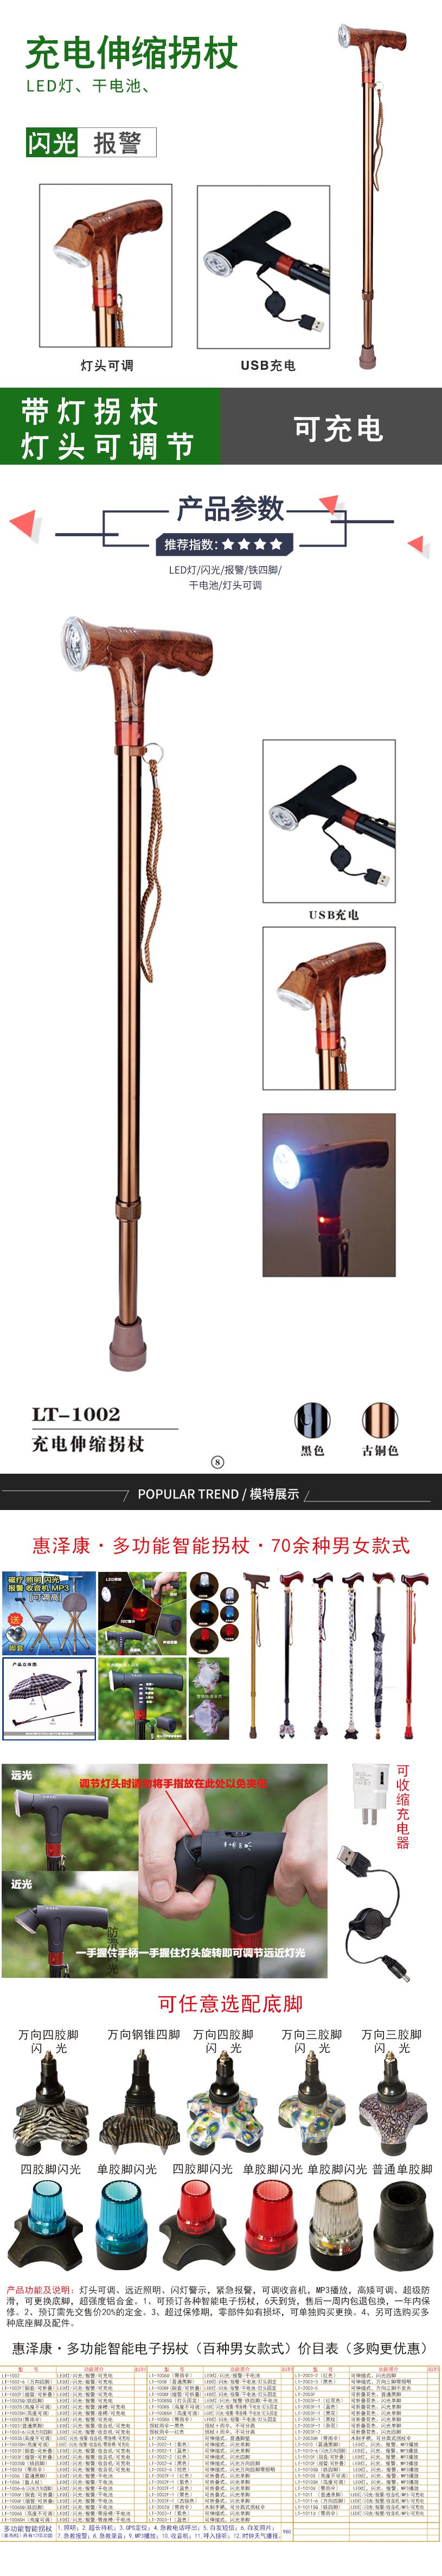 充電伸縮拐杖-充電伸縮拐杖